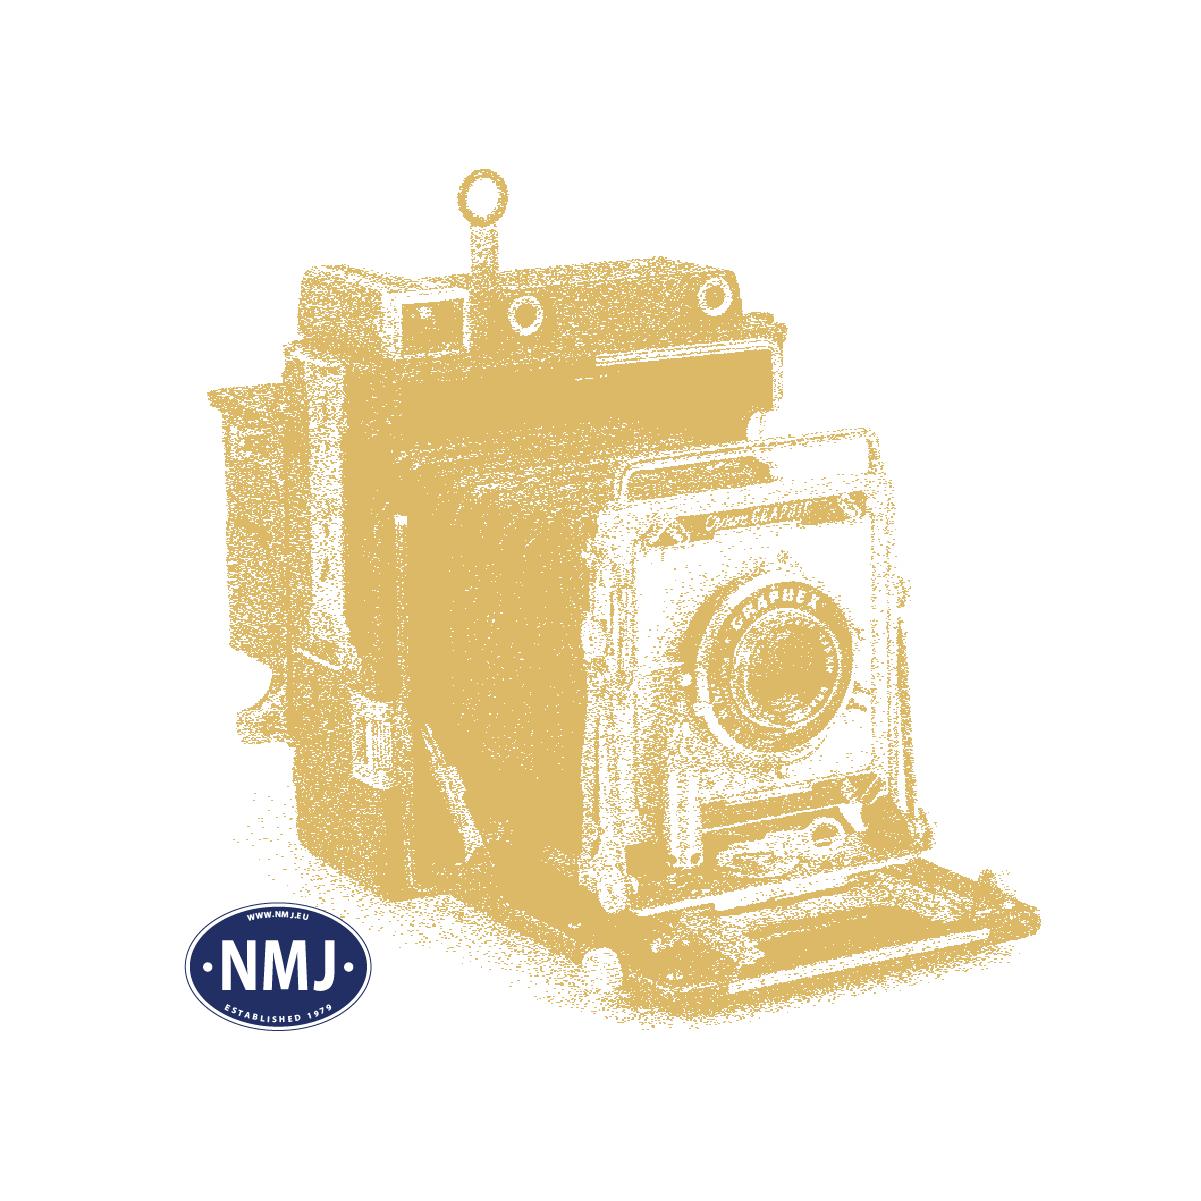 ZIMLS10X15 - Høyttaler, 8 Ohm, 0,8 W, 10 x 15 x 8 mm